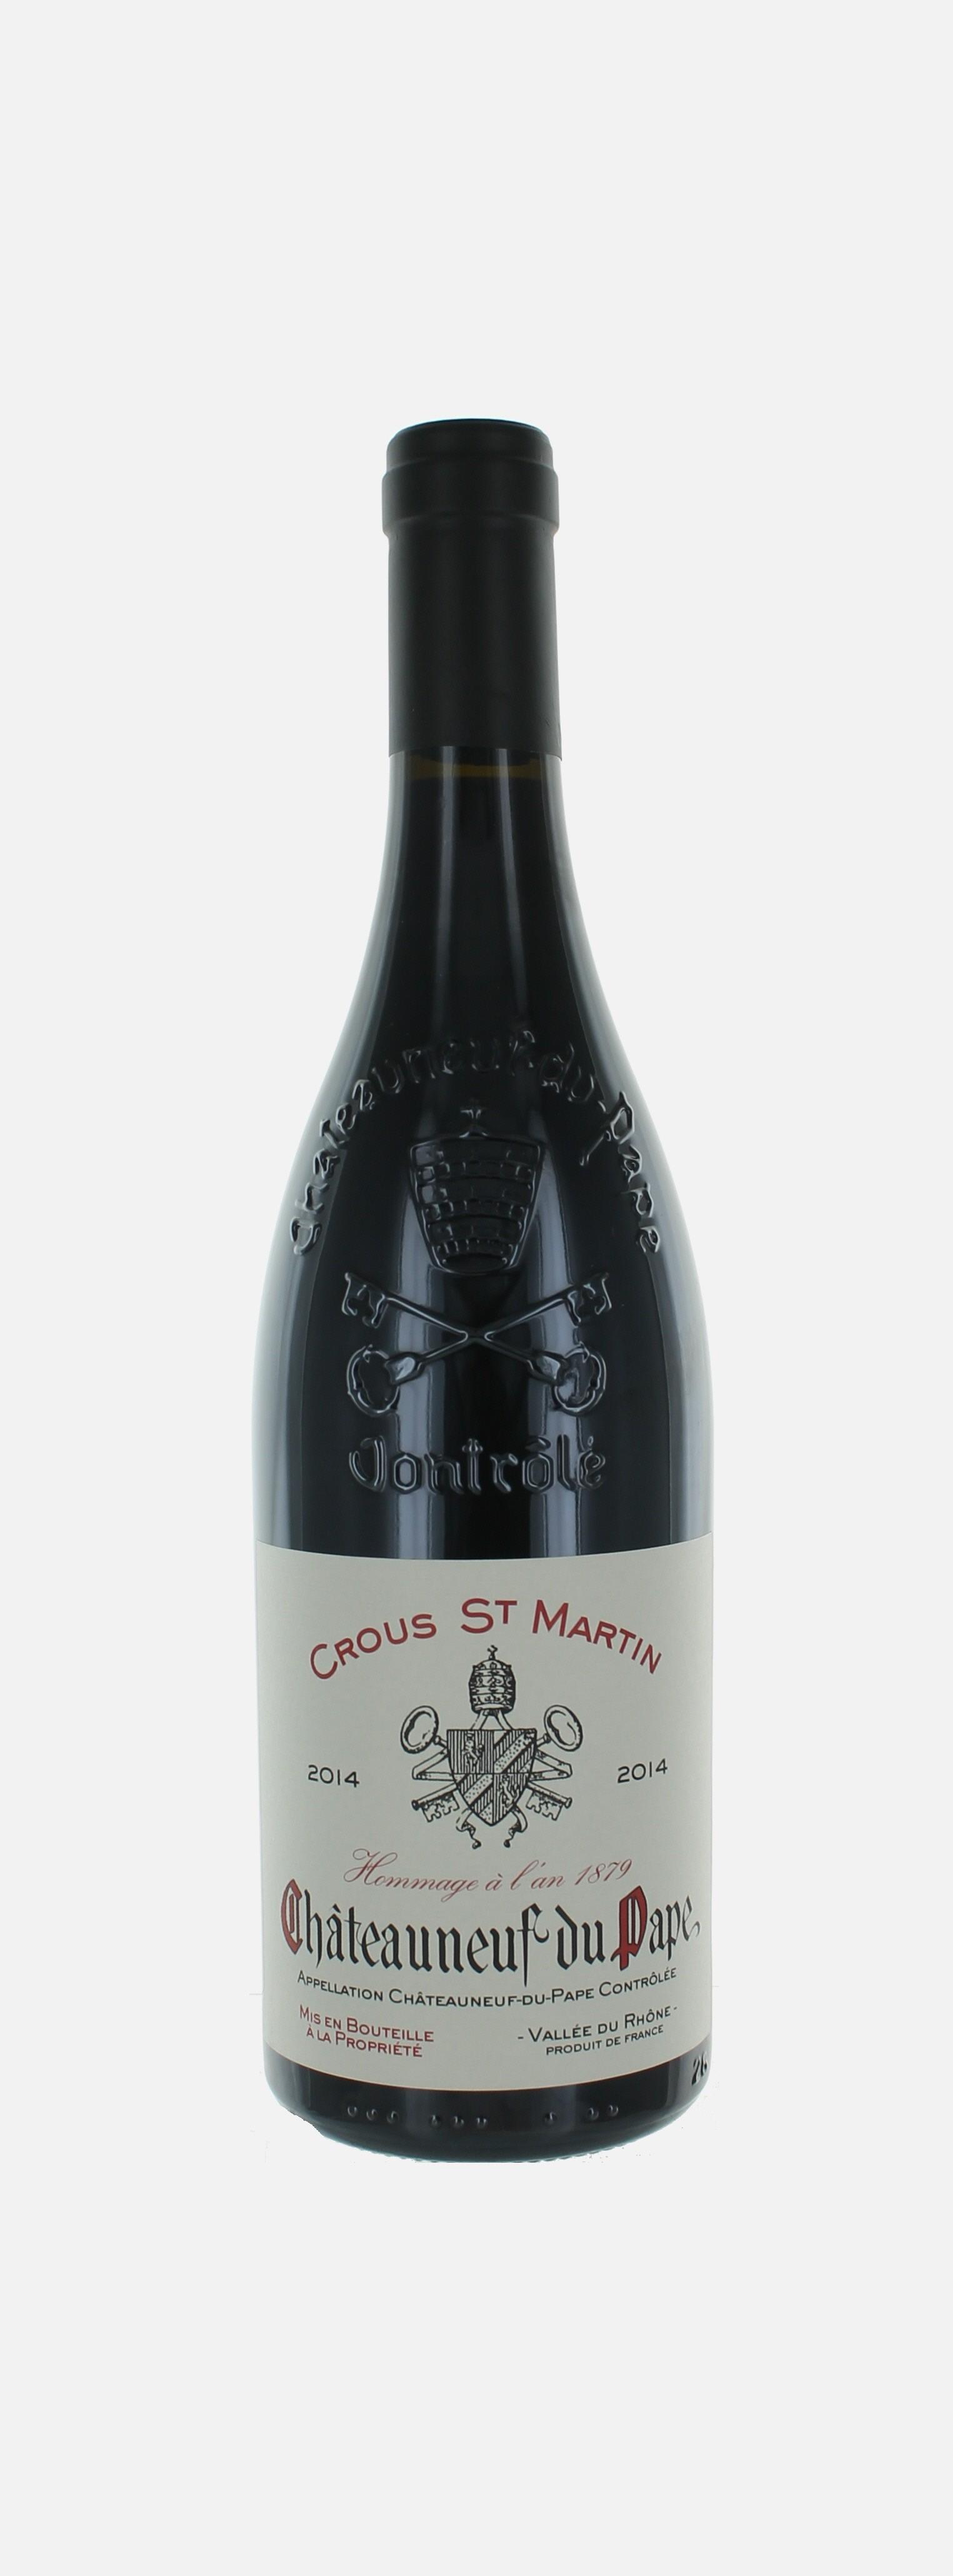 Crous Saint martin, Châteauneuf du Pape